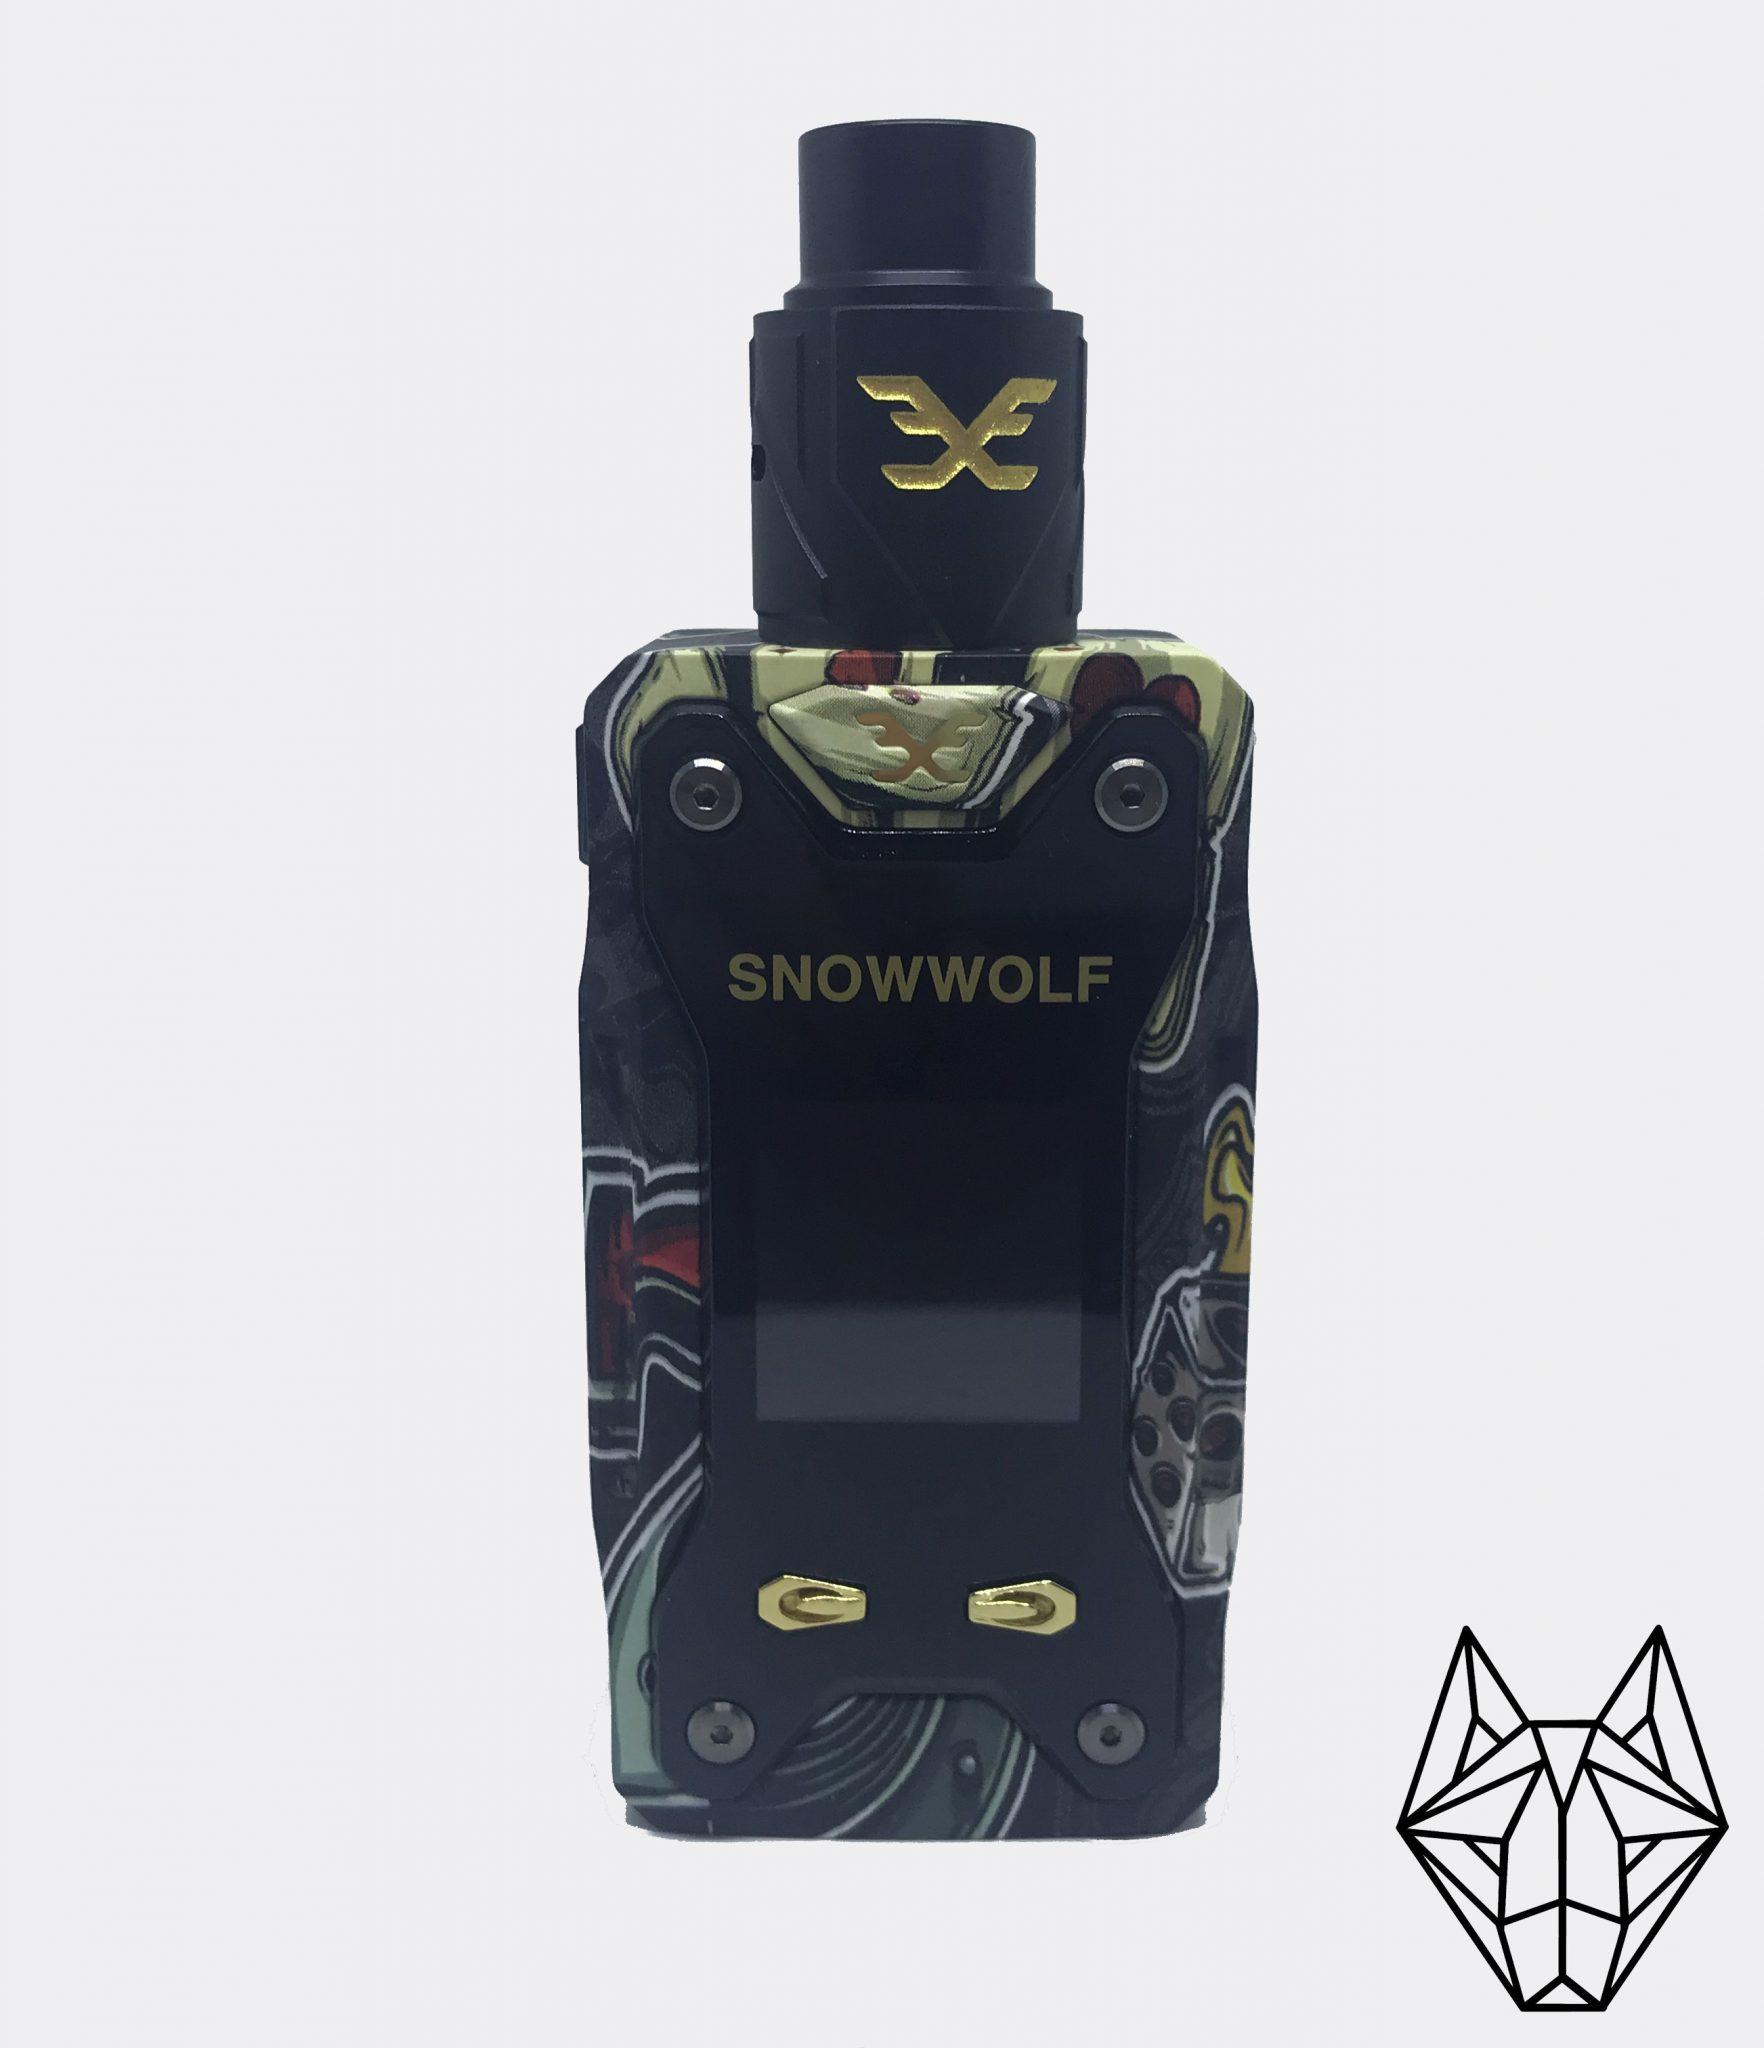 SnowWolf XFENG Starter Kit Review_1